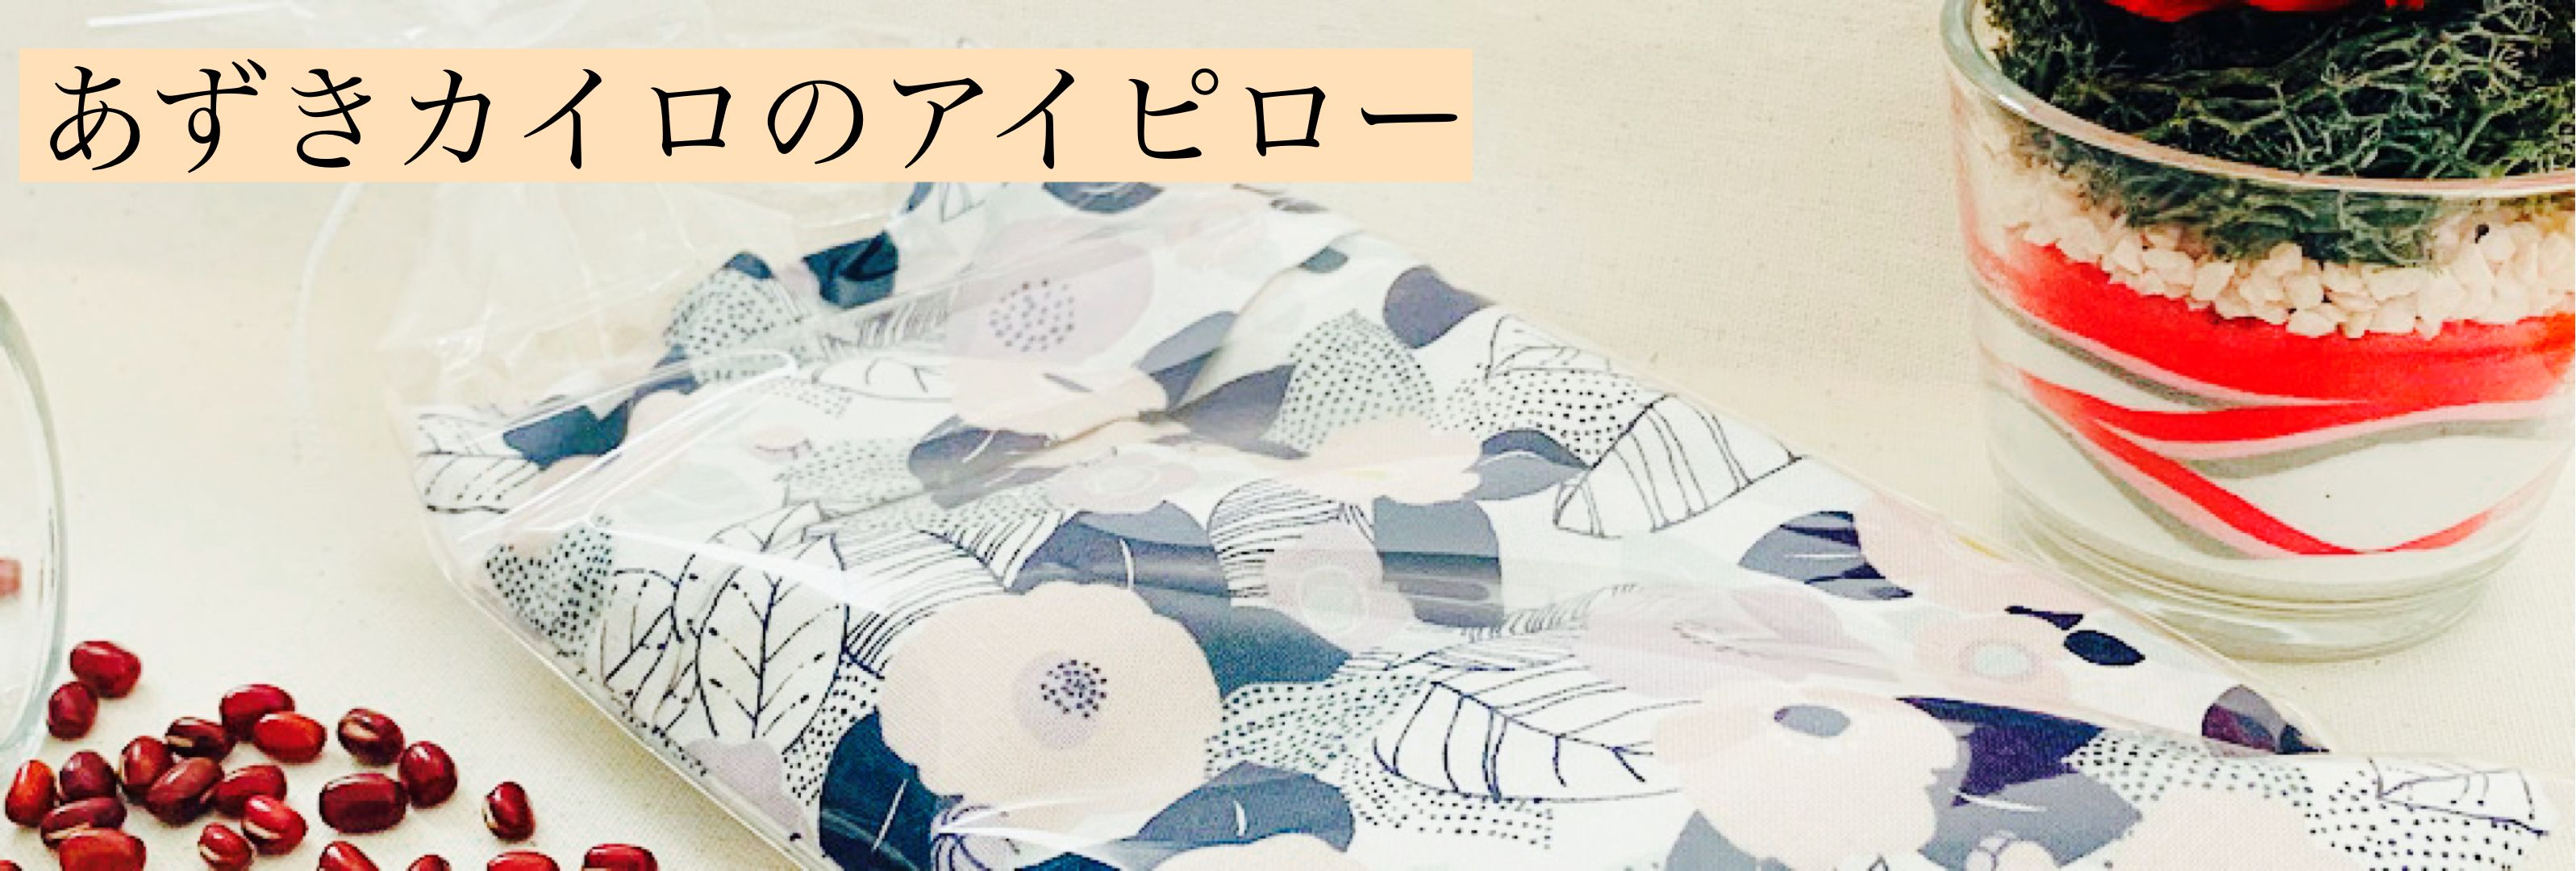 長野県中野市(ながのけんなかのし)|整体とものづくりの店アリー